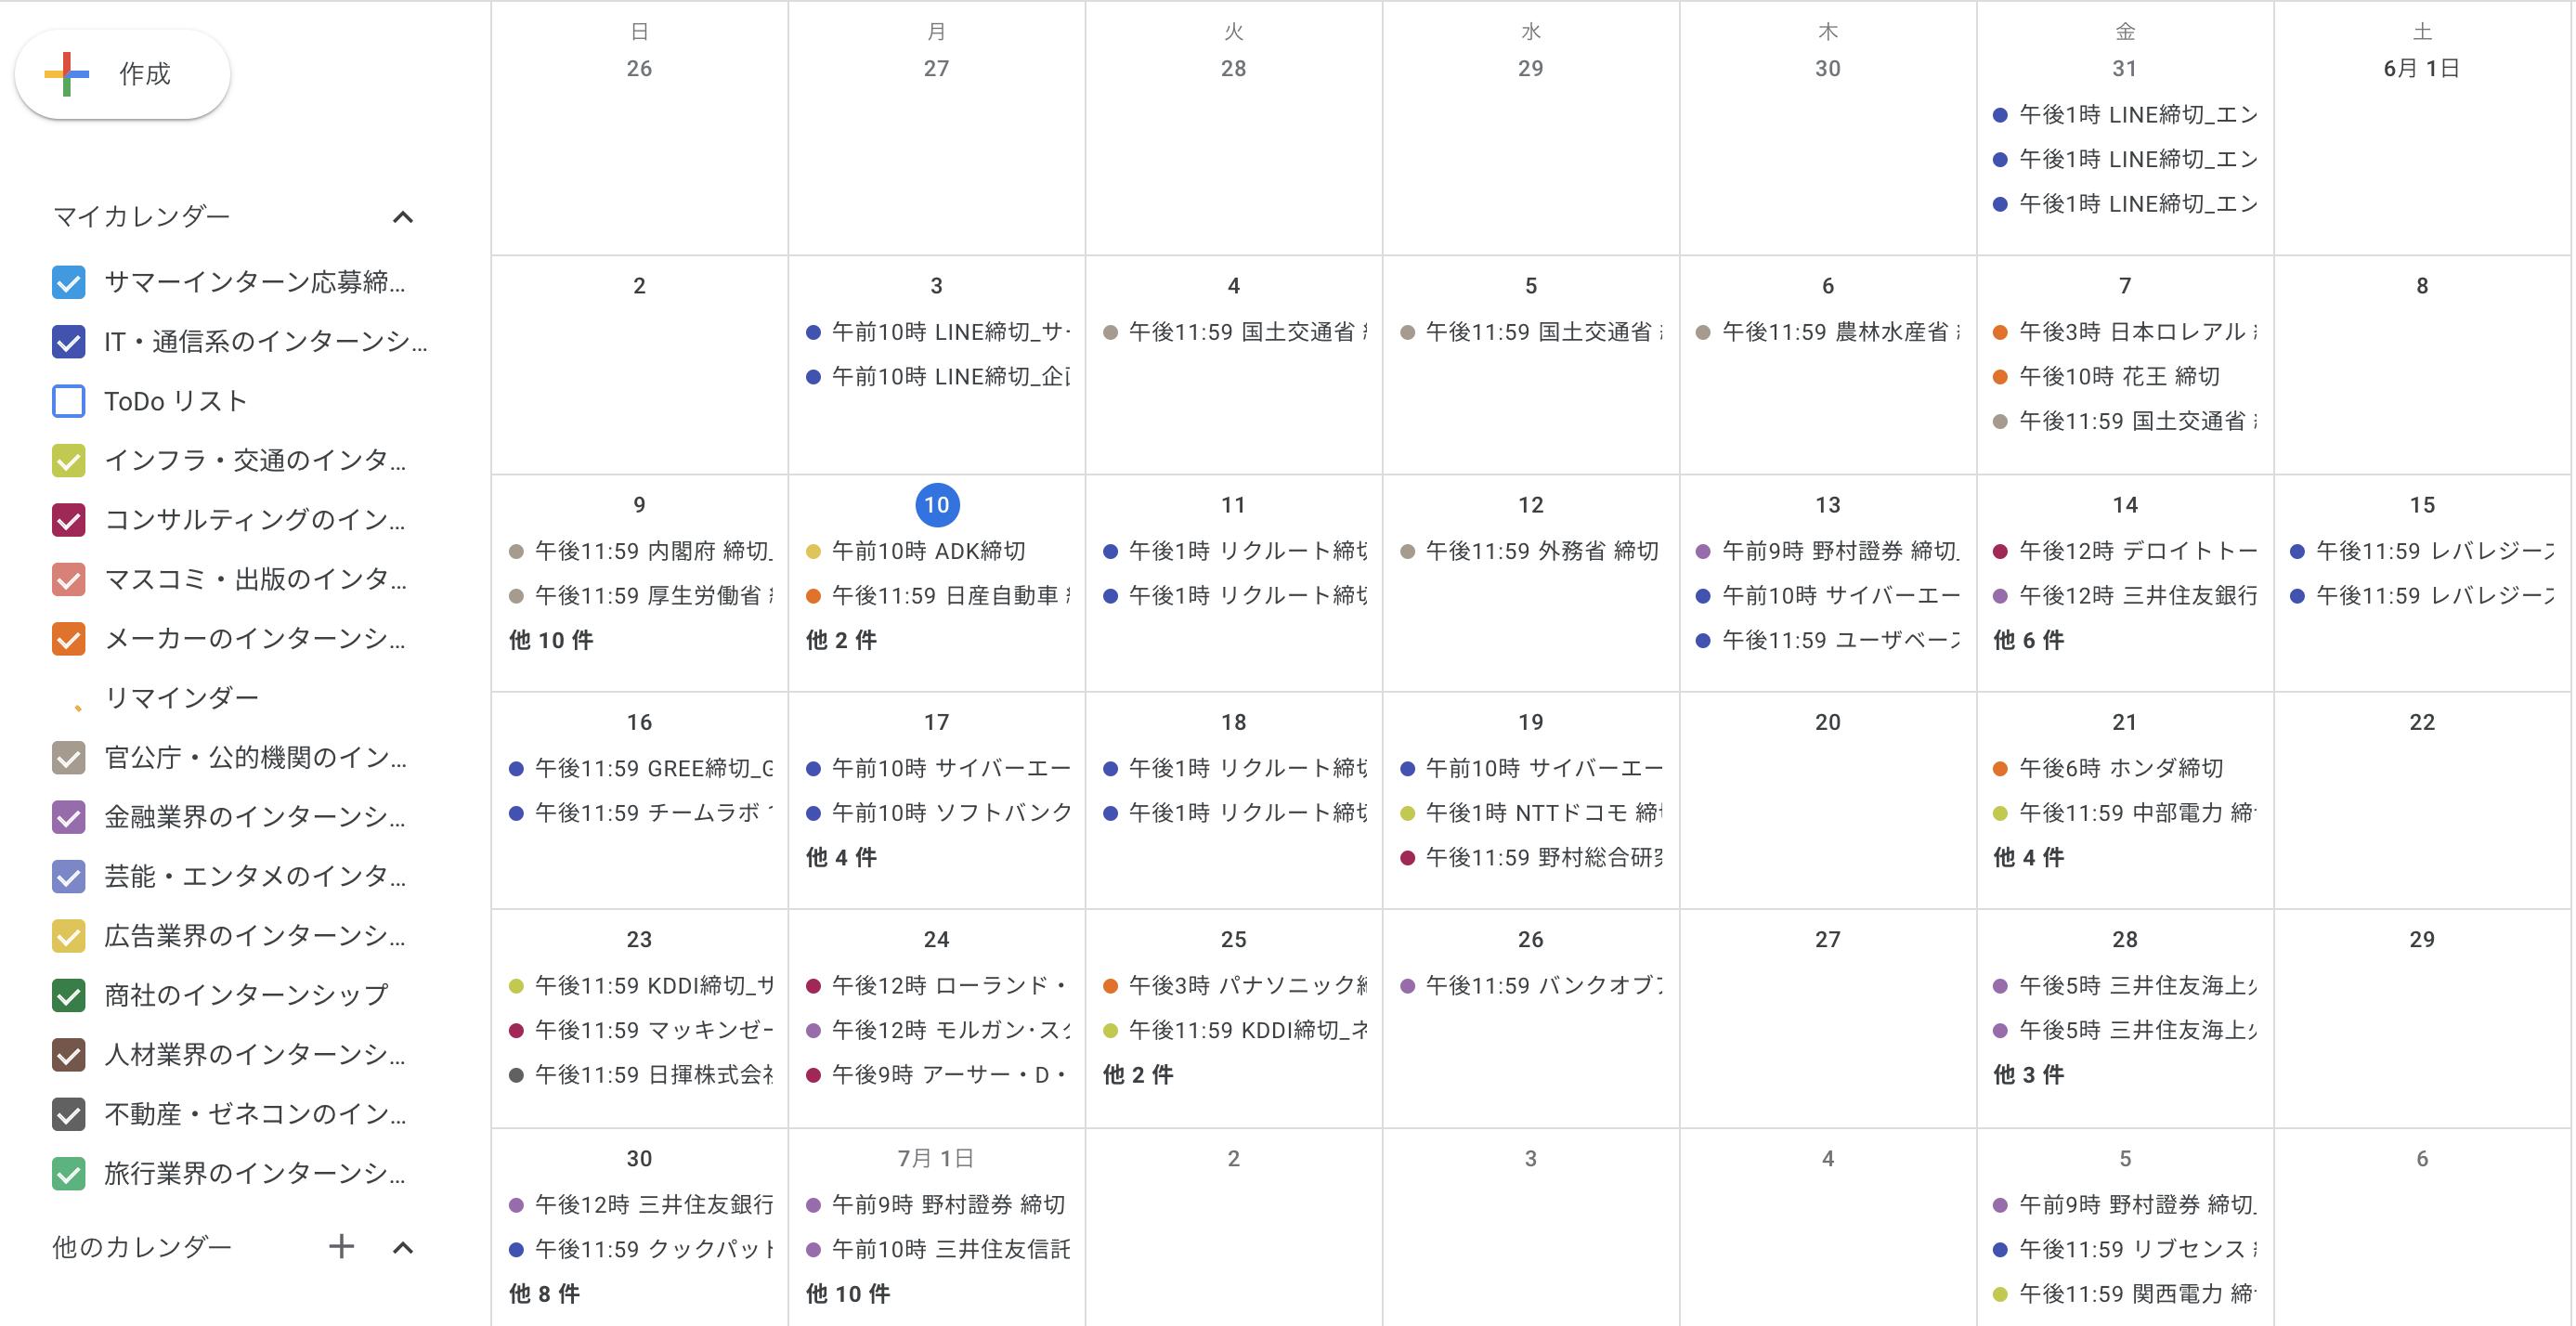 サマーインターンの締切日が業界別に見れる「インターンシップ応募締切カレンダー」とは?